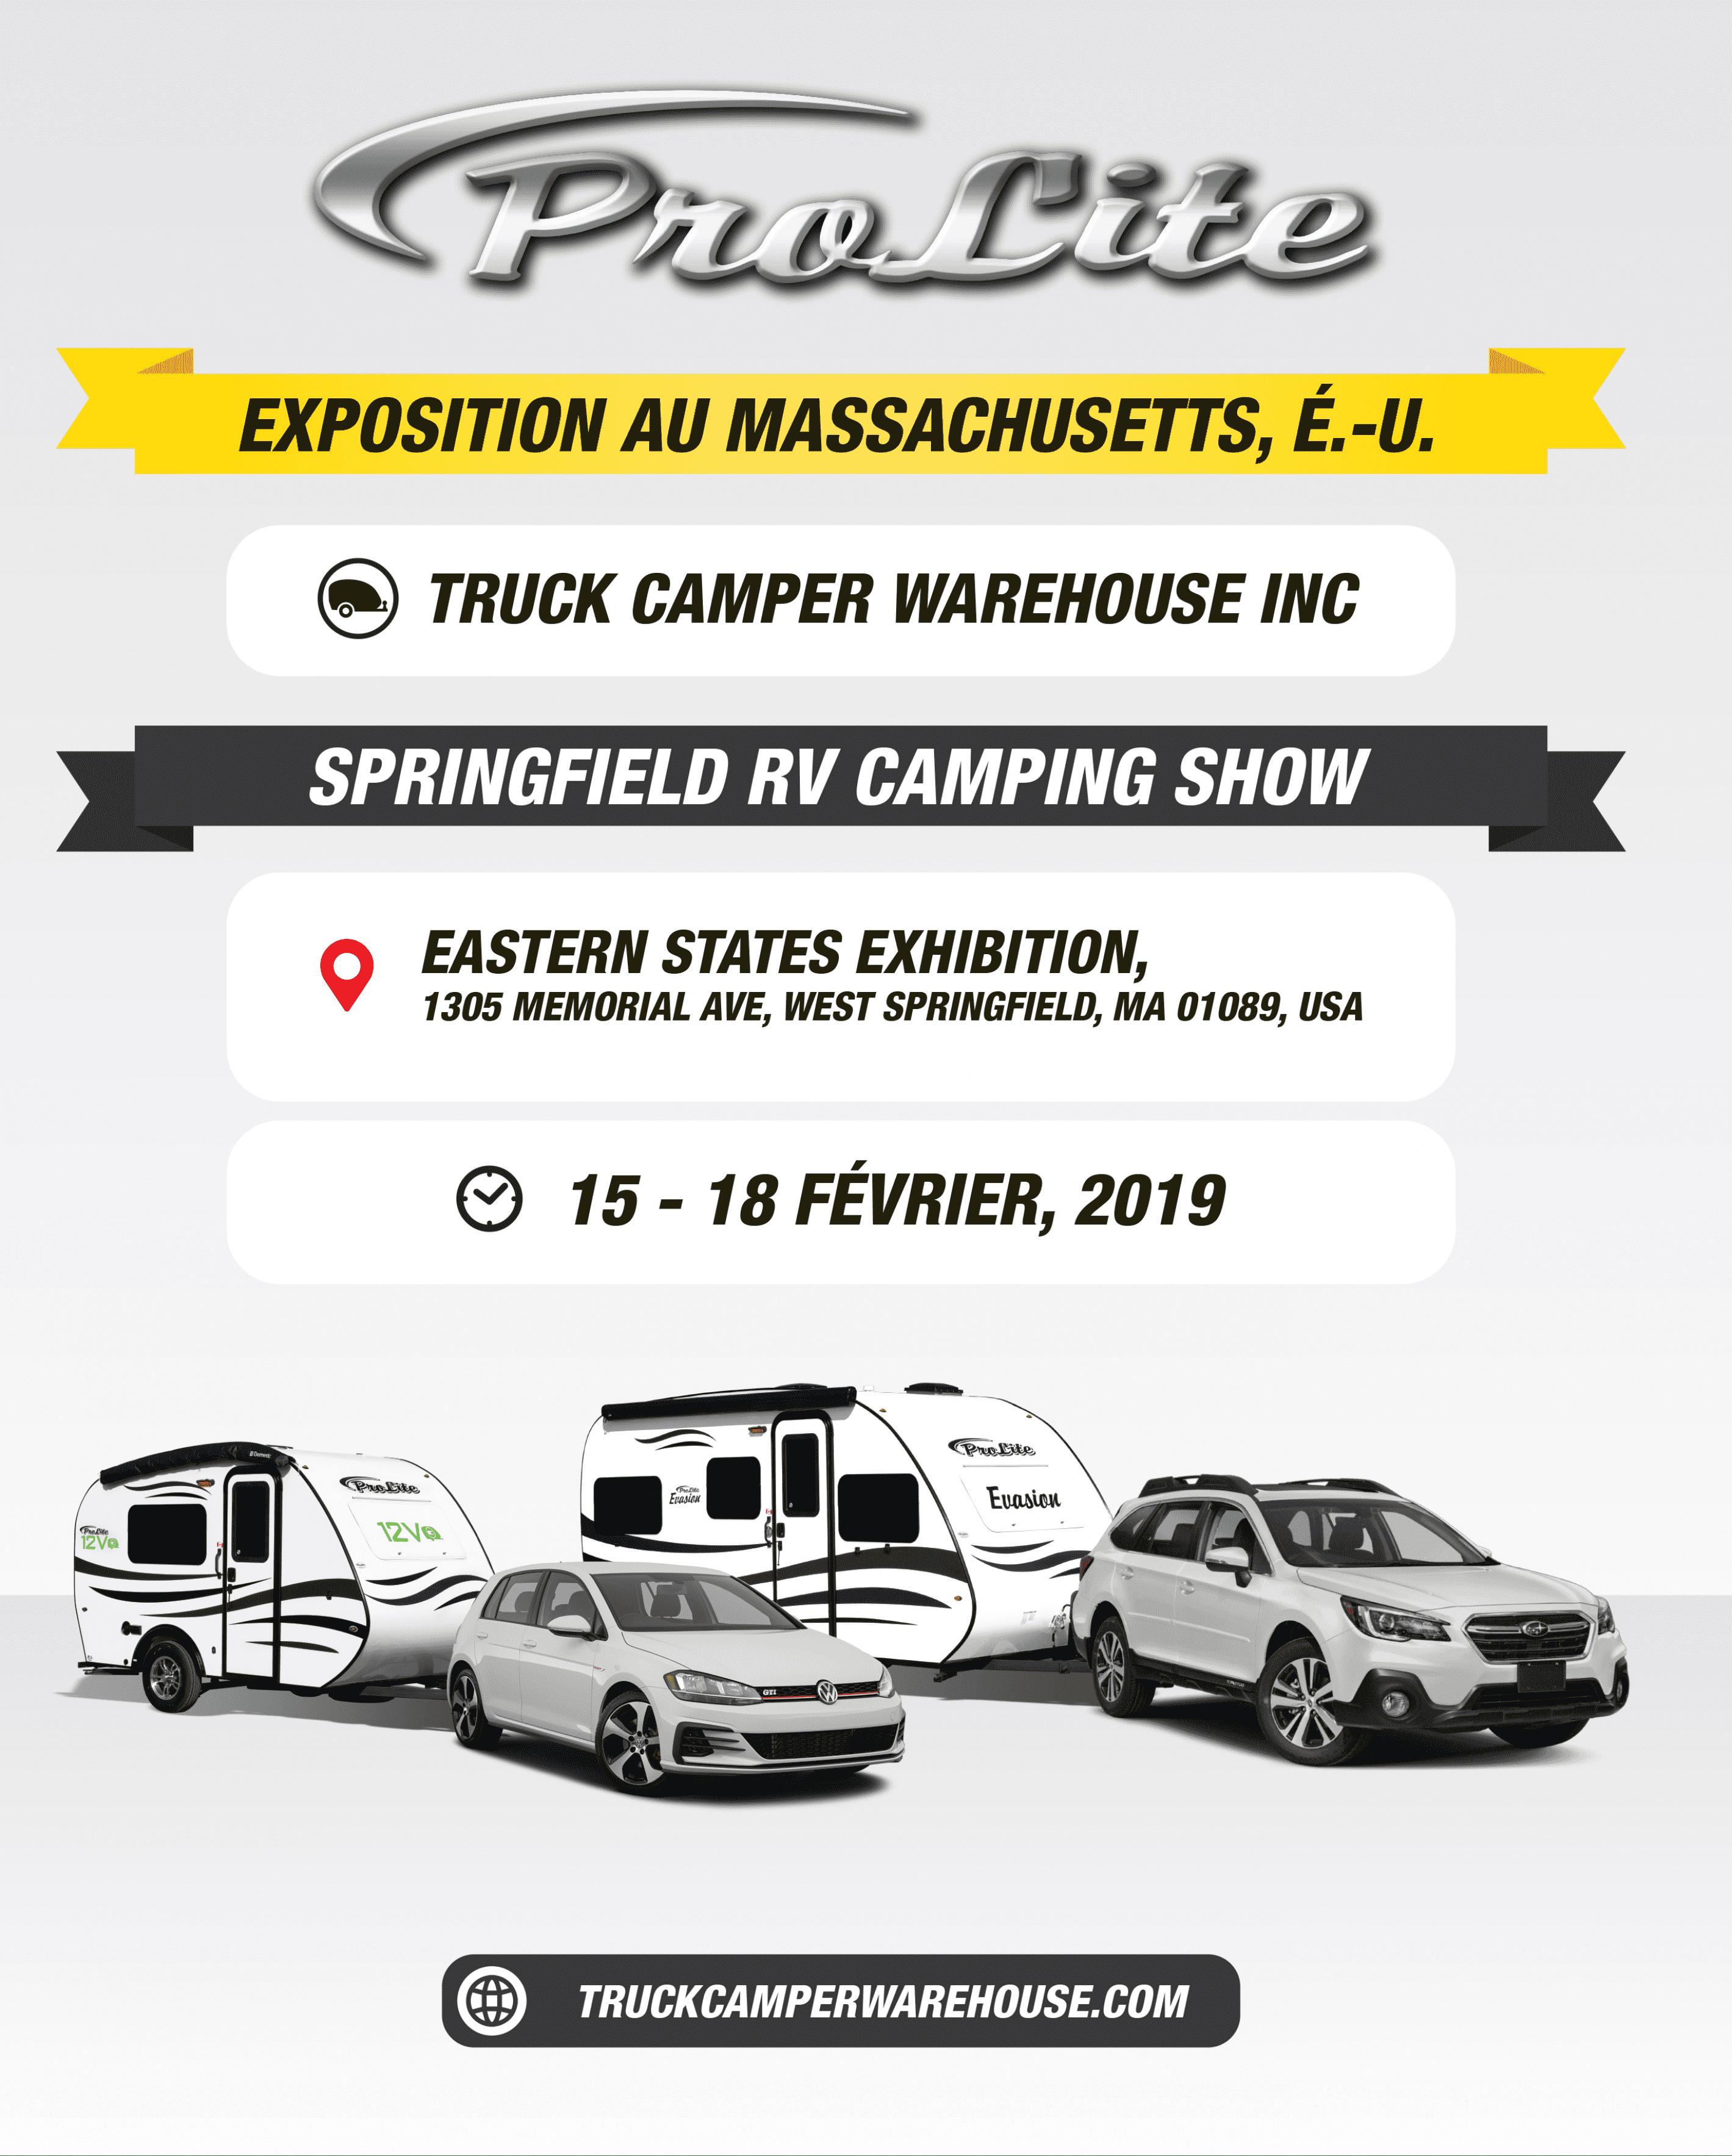 EXPOSITION-ROULOTTES PROLITE-ÉTATS-UNIS-MASSACHUSETTS- Truck camper warehouse ( 15-18 février , 2019)